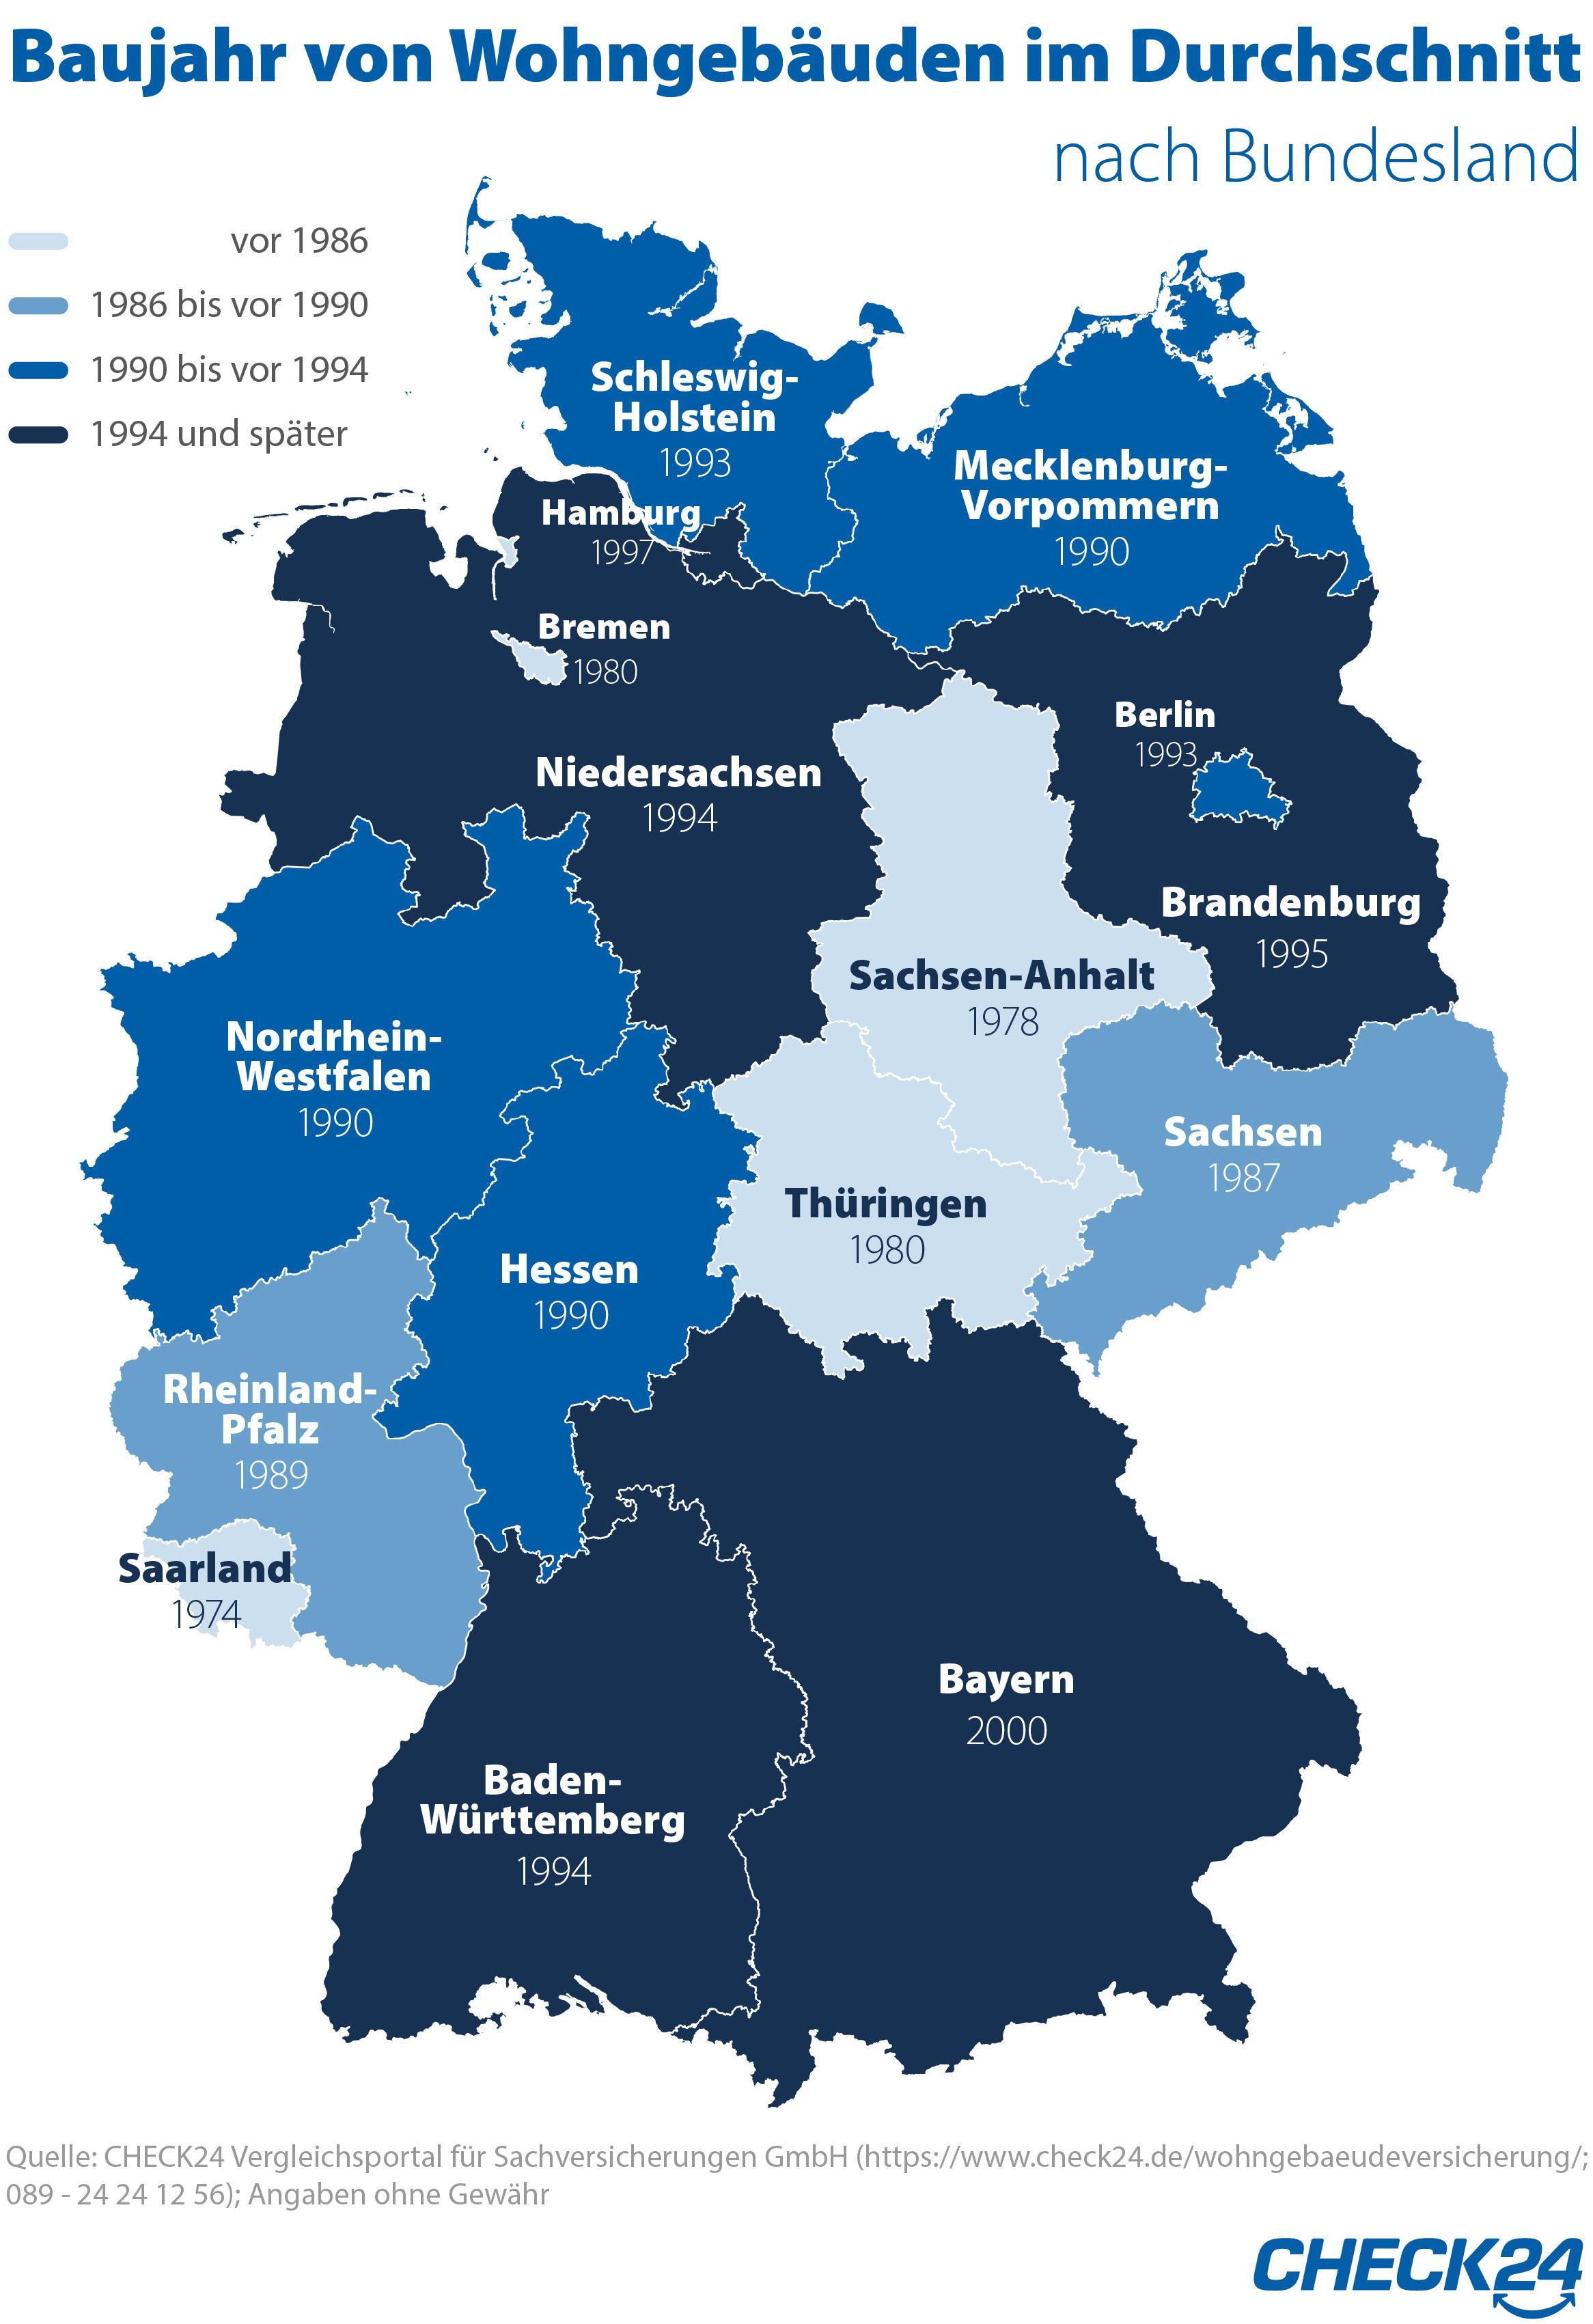 Baujahr von Wohngebäuden im bundesweiten Durchschnitt (Foto: CHECK24 GmbH)